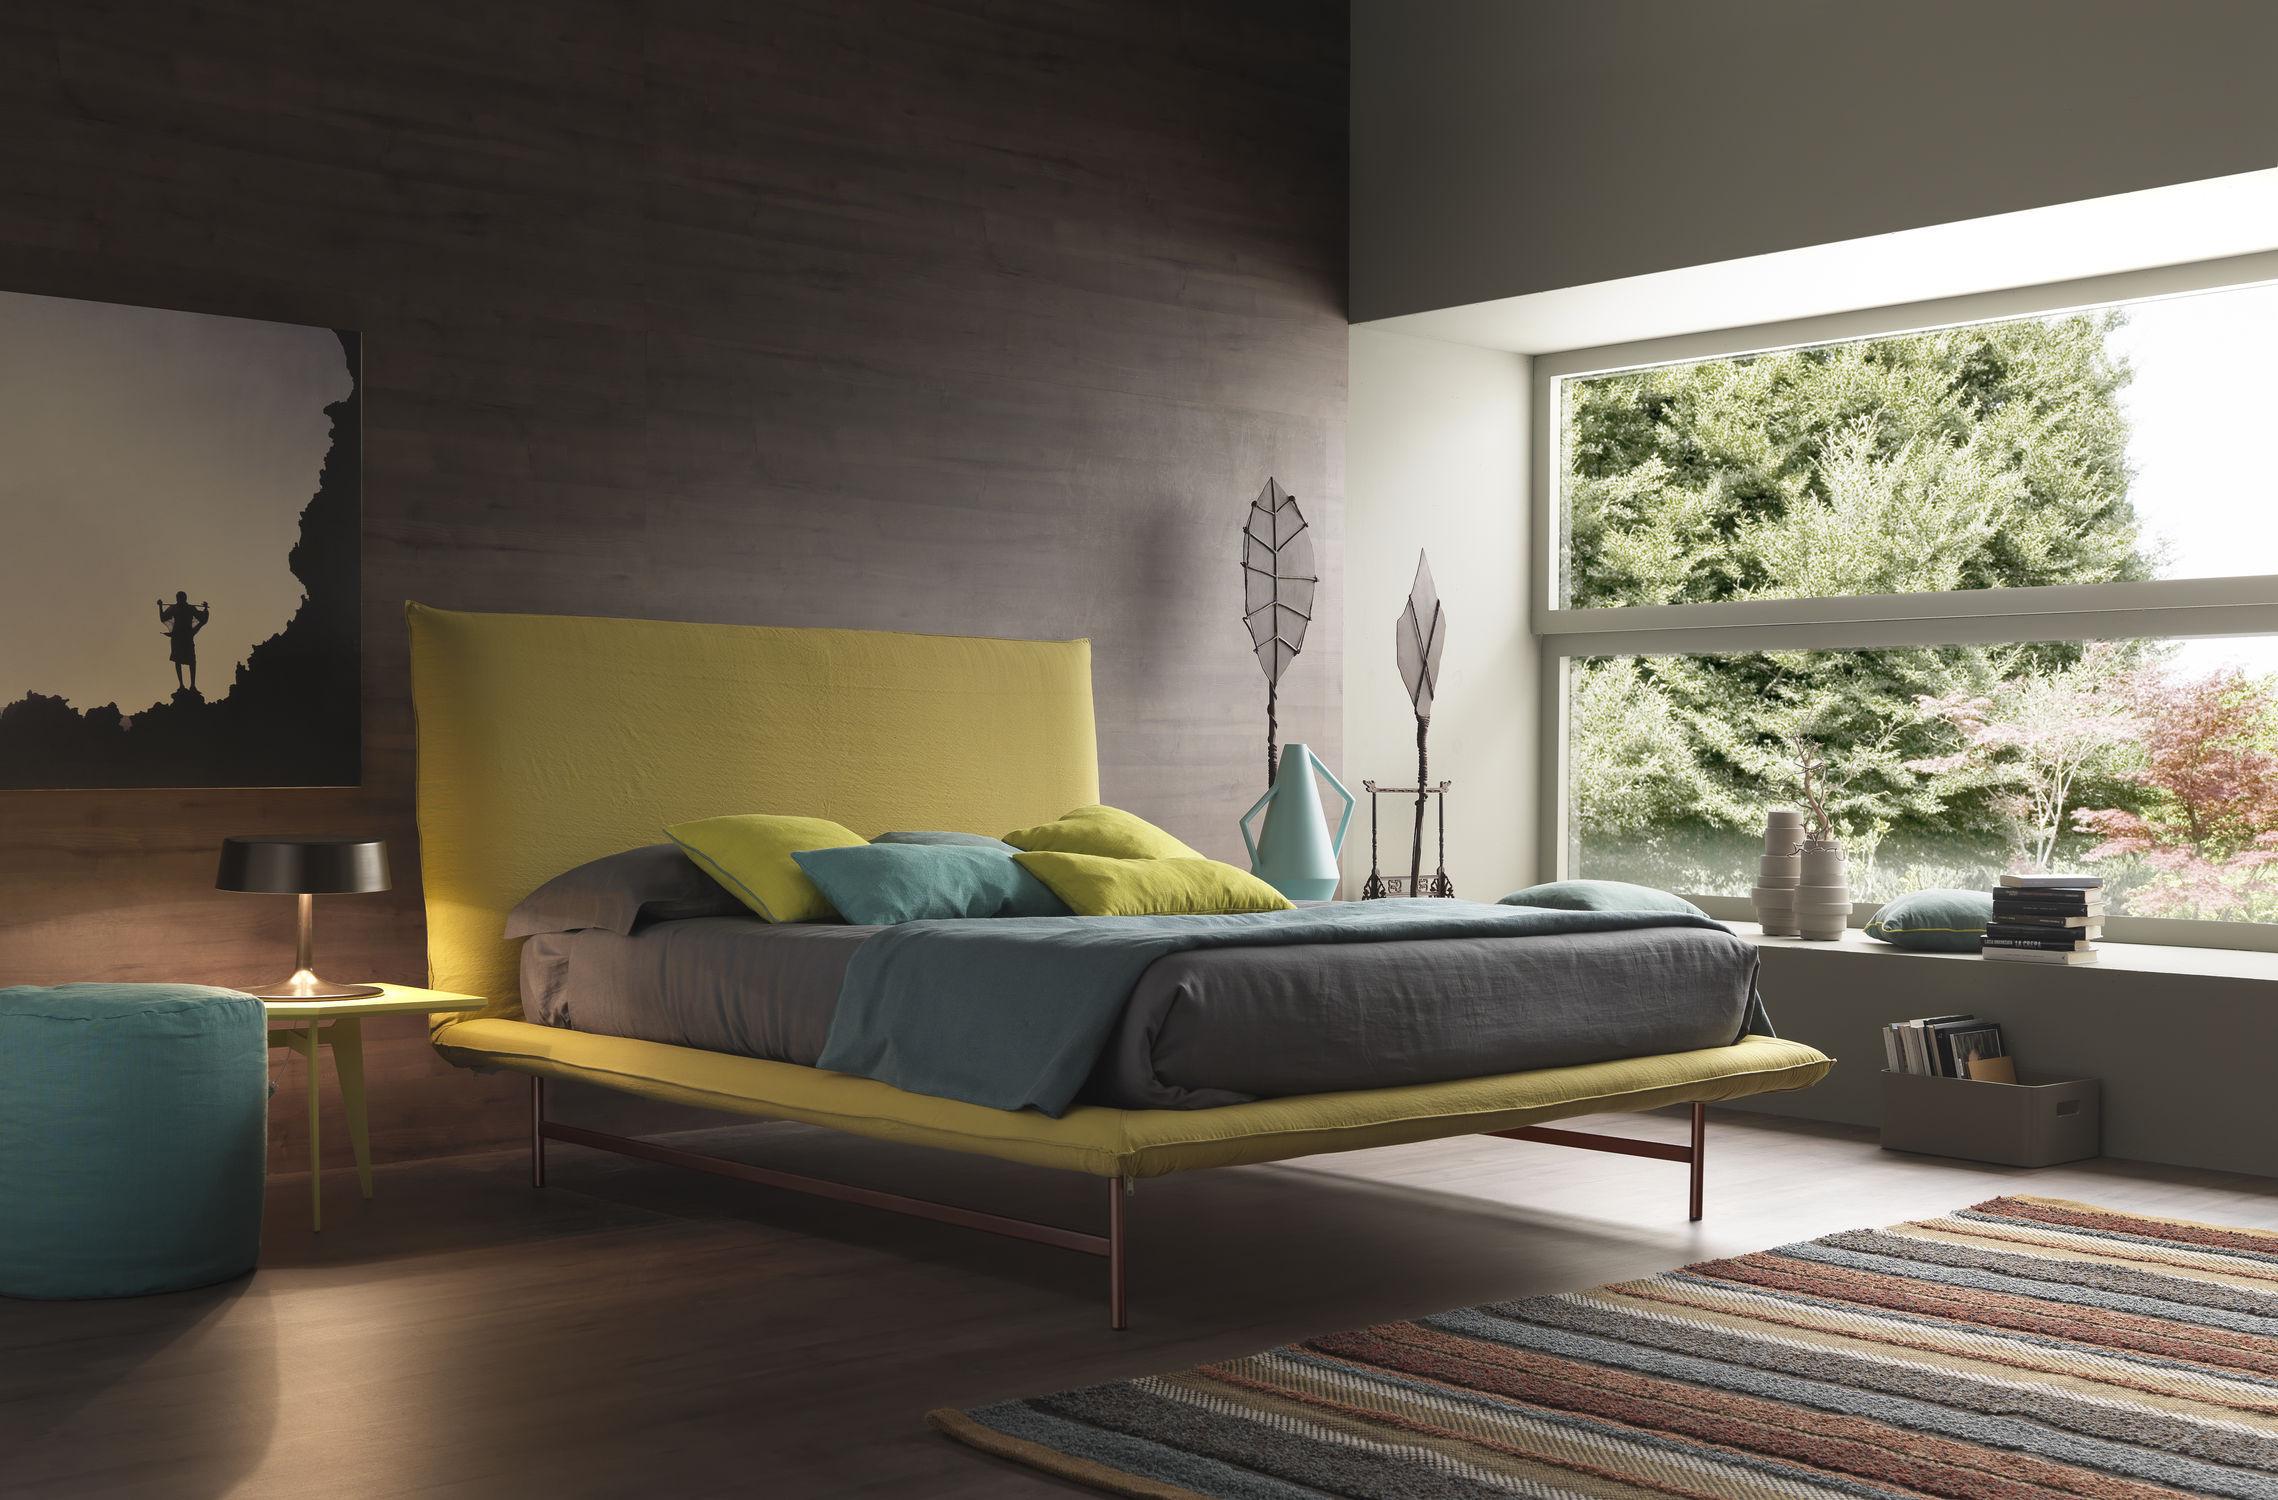 enkel-moderne-værelses-med-en-view-messen-lys-bolzan